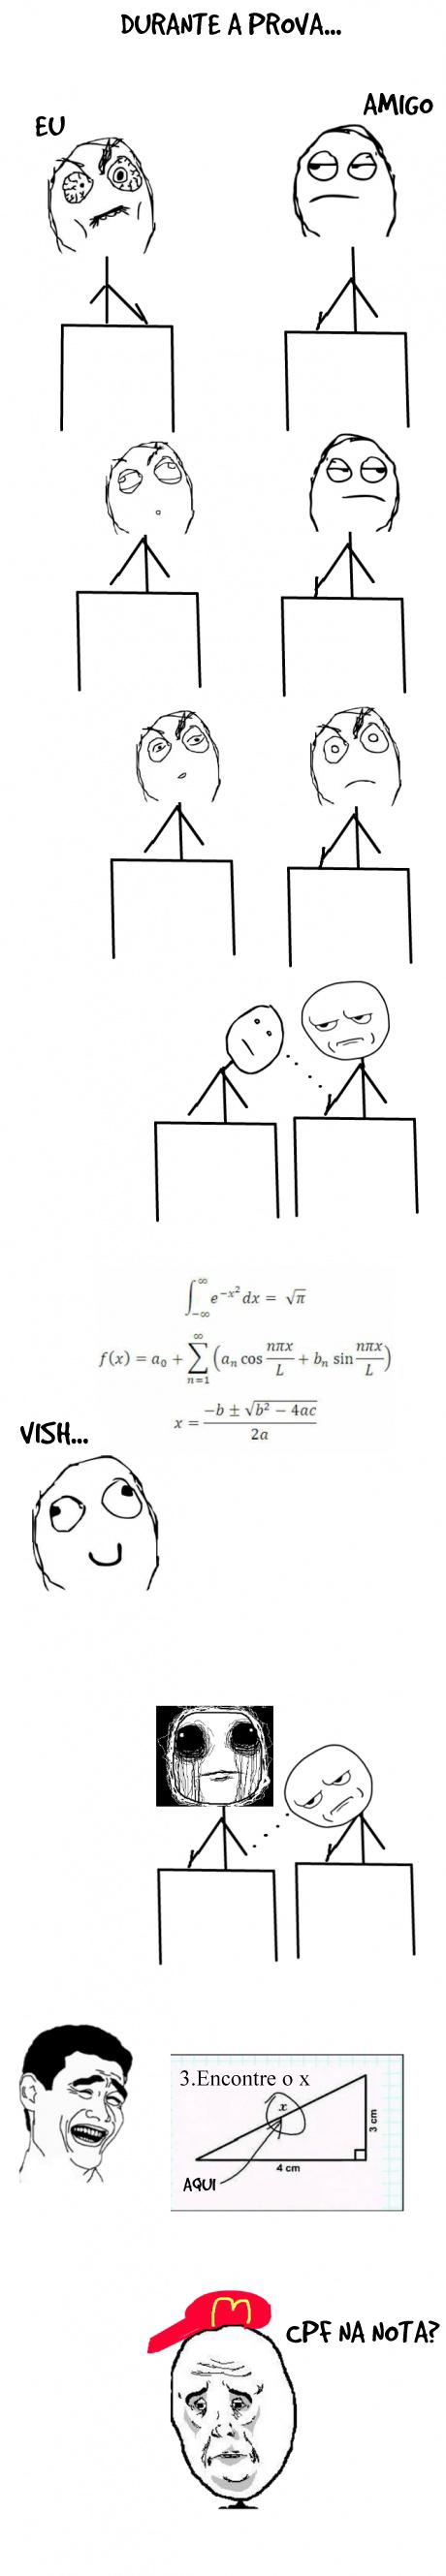 Durante a Prova...